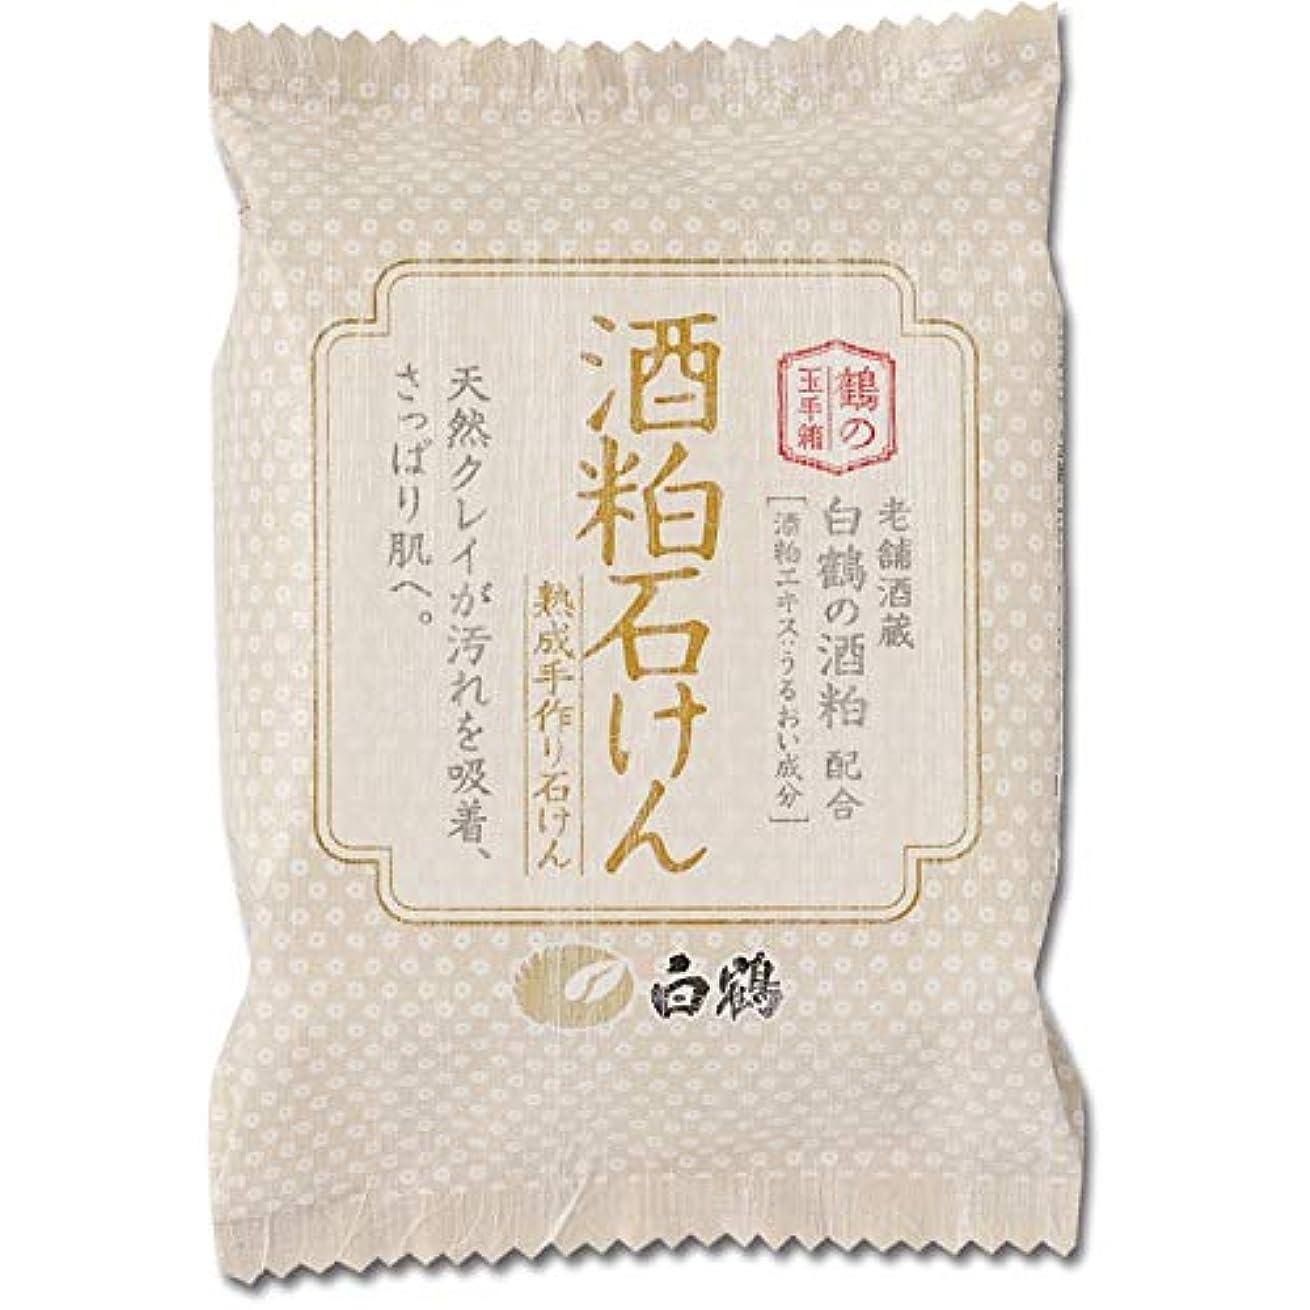 無意識戦闘自宅で白鶴 鶴の玉手箱 酒粕石けん 100g (全身用石鹸)